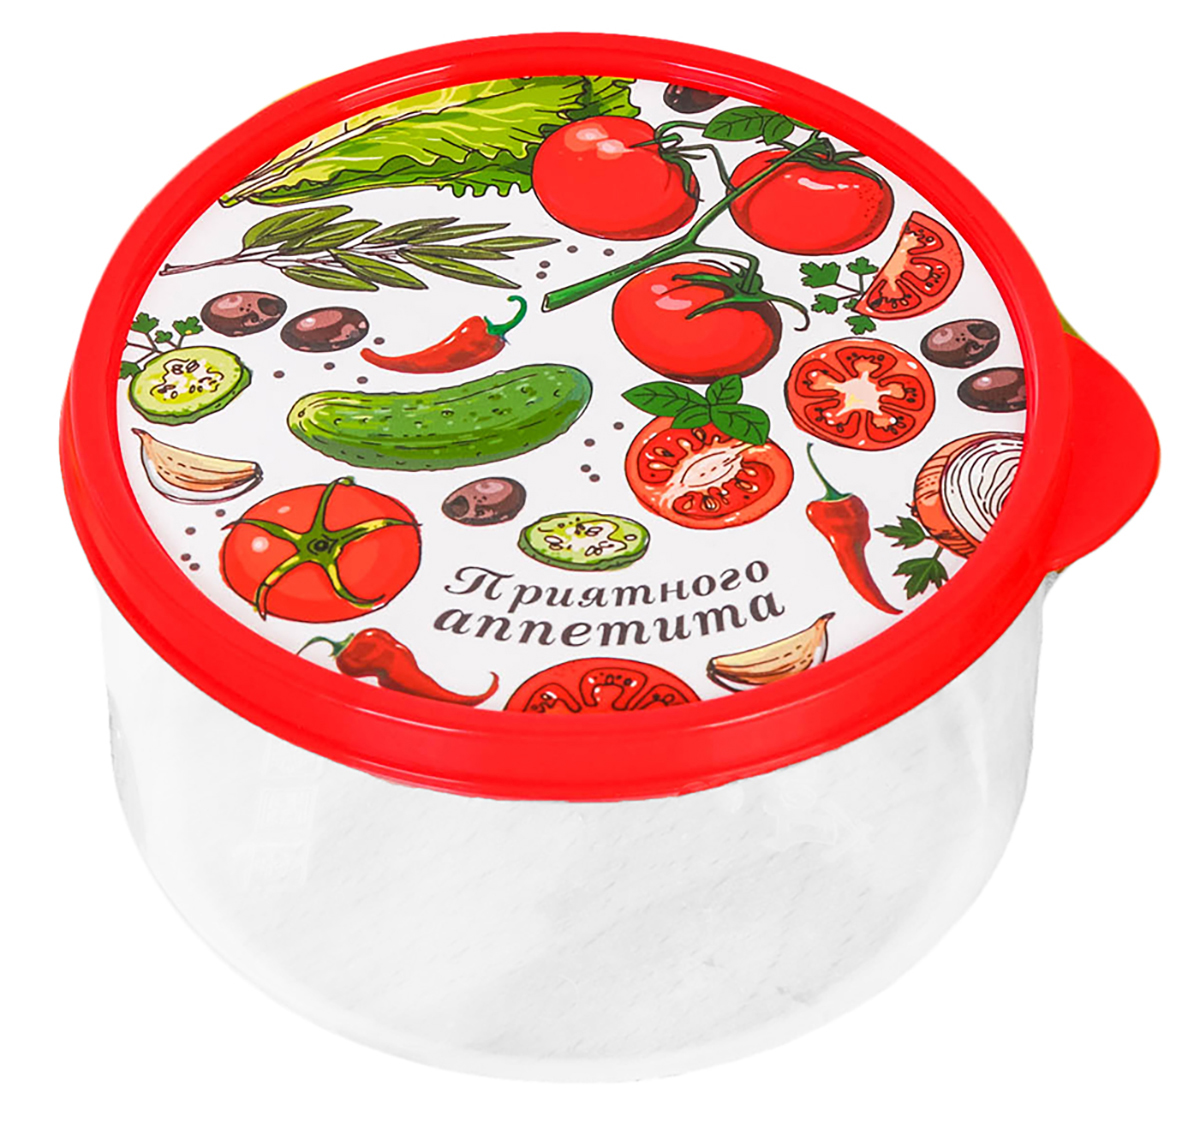 Ланч-бокс Овощной микс, 0,5 л2789836Изделие произведено в России из качественного пищевого пластика, снабжено плотно закрывающейся крышкой, а это значит, что вы сможете брать на работу, в дорогу или на пикник разнообразную, а самое главное - вкусную и полезную пищу! Оригинальный рисунок на крышке поднимет настроение хозяину и окружающим.Контейнер прост и удобен в обращении: его можно хранить в холодильнике, разогревать в микроволновой печи, мыть в посудомоечной машине.